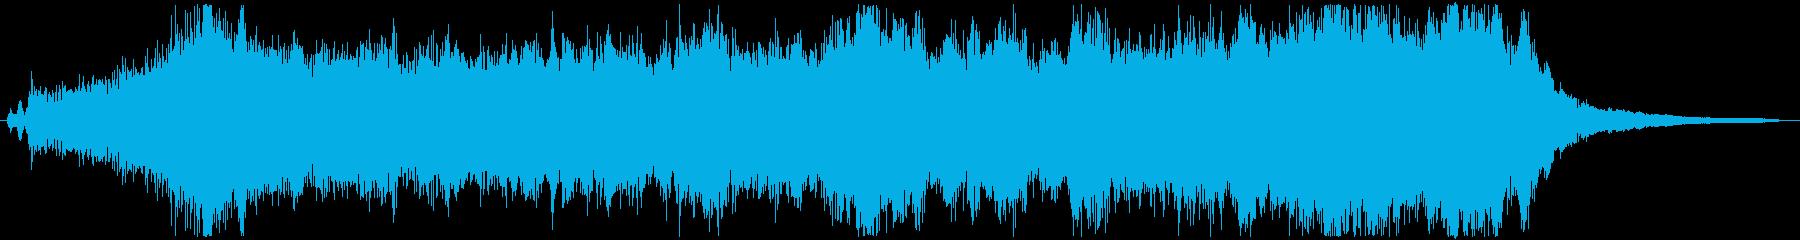 明るく希望的なオーケストラジングル_Bの再生済みの波形